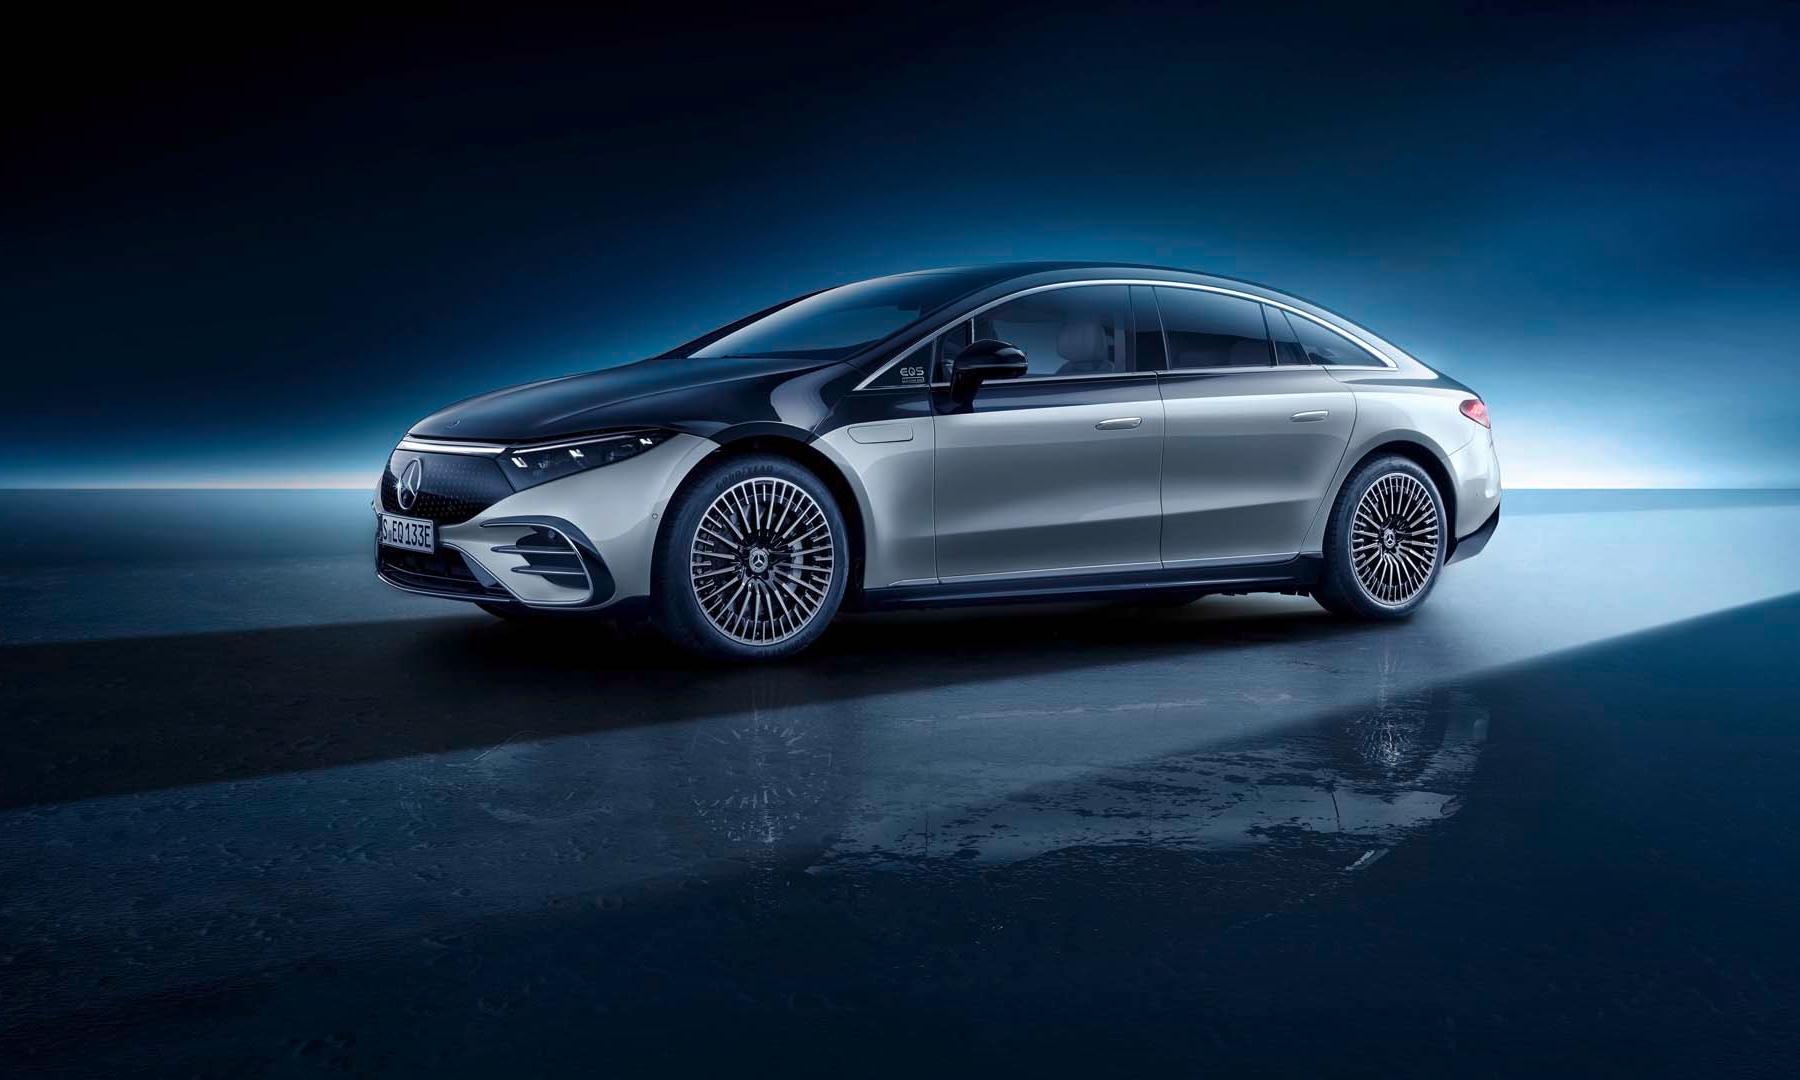 Mercedes-Benz 发布全新 EQS 全电动汽车